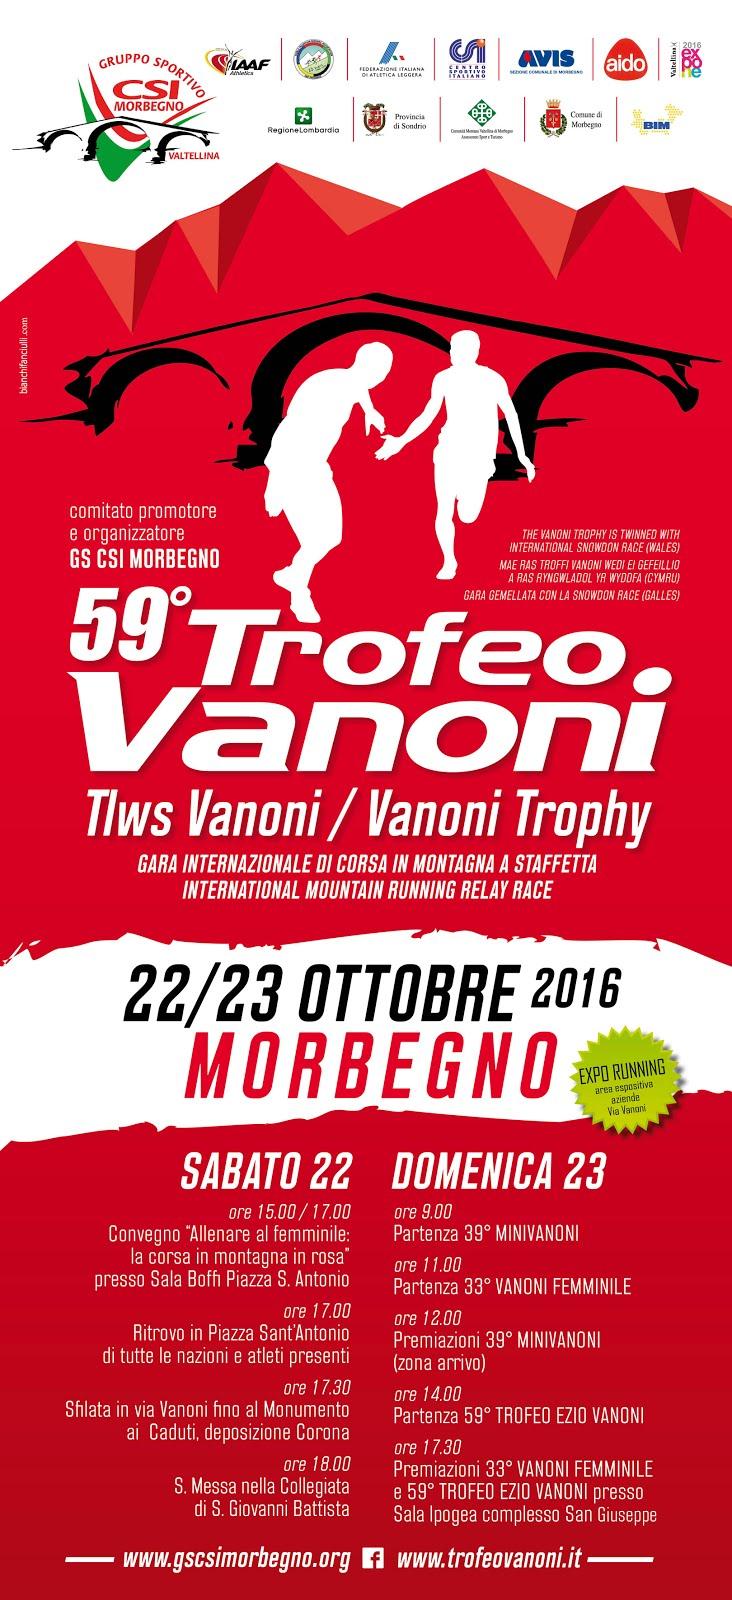 59° TROFEO VANONI